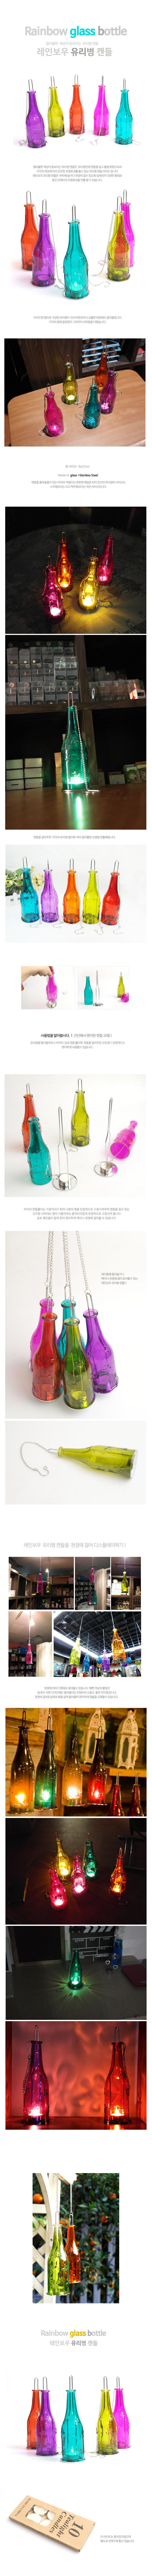 레인보우 유리병 캔들 - 진바스, 8,000원, 캔들, 캔들홀더/소품